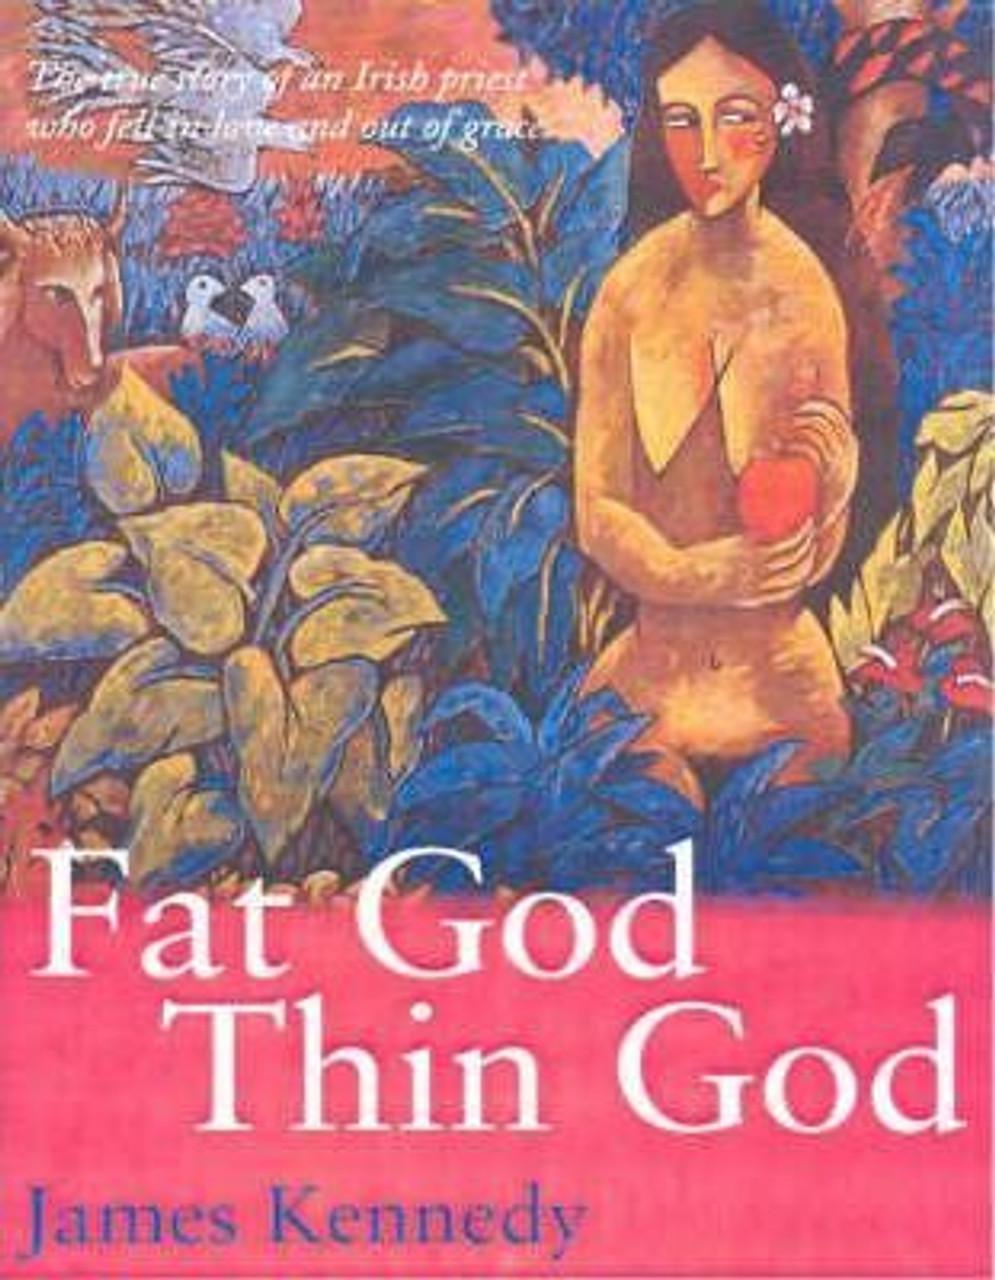 Kennedy, James / Fat God Thin God